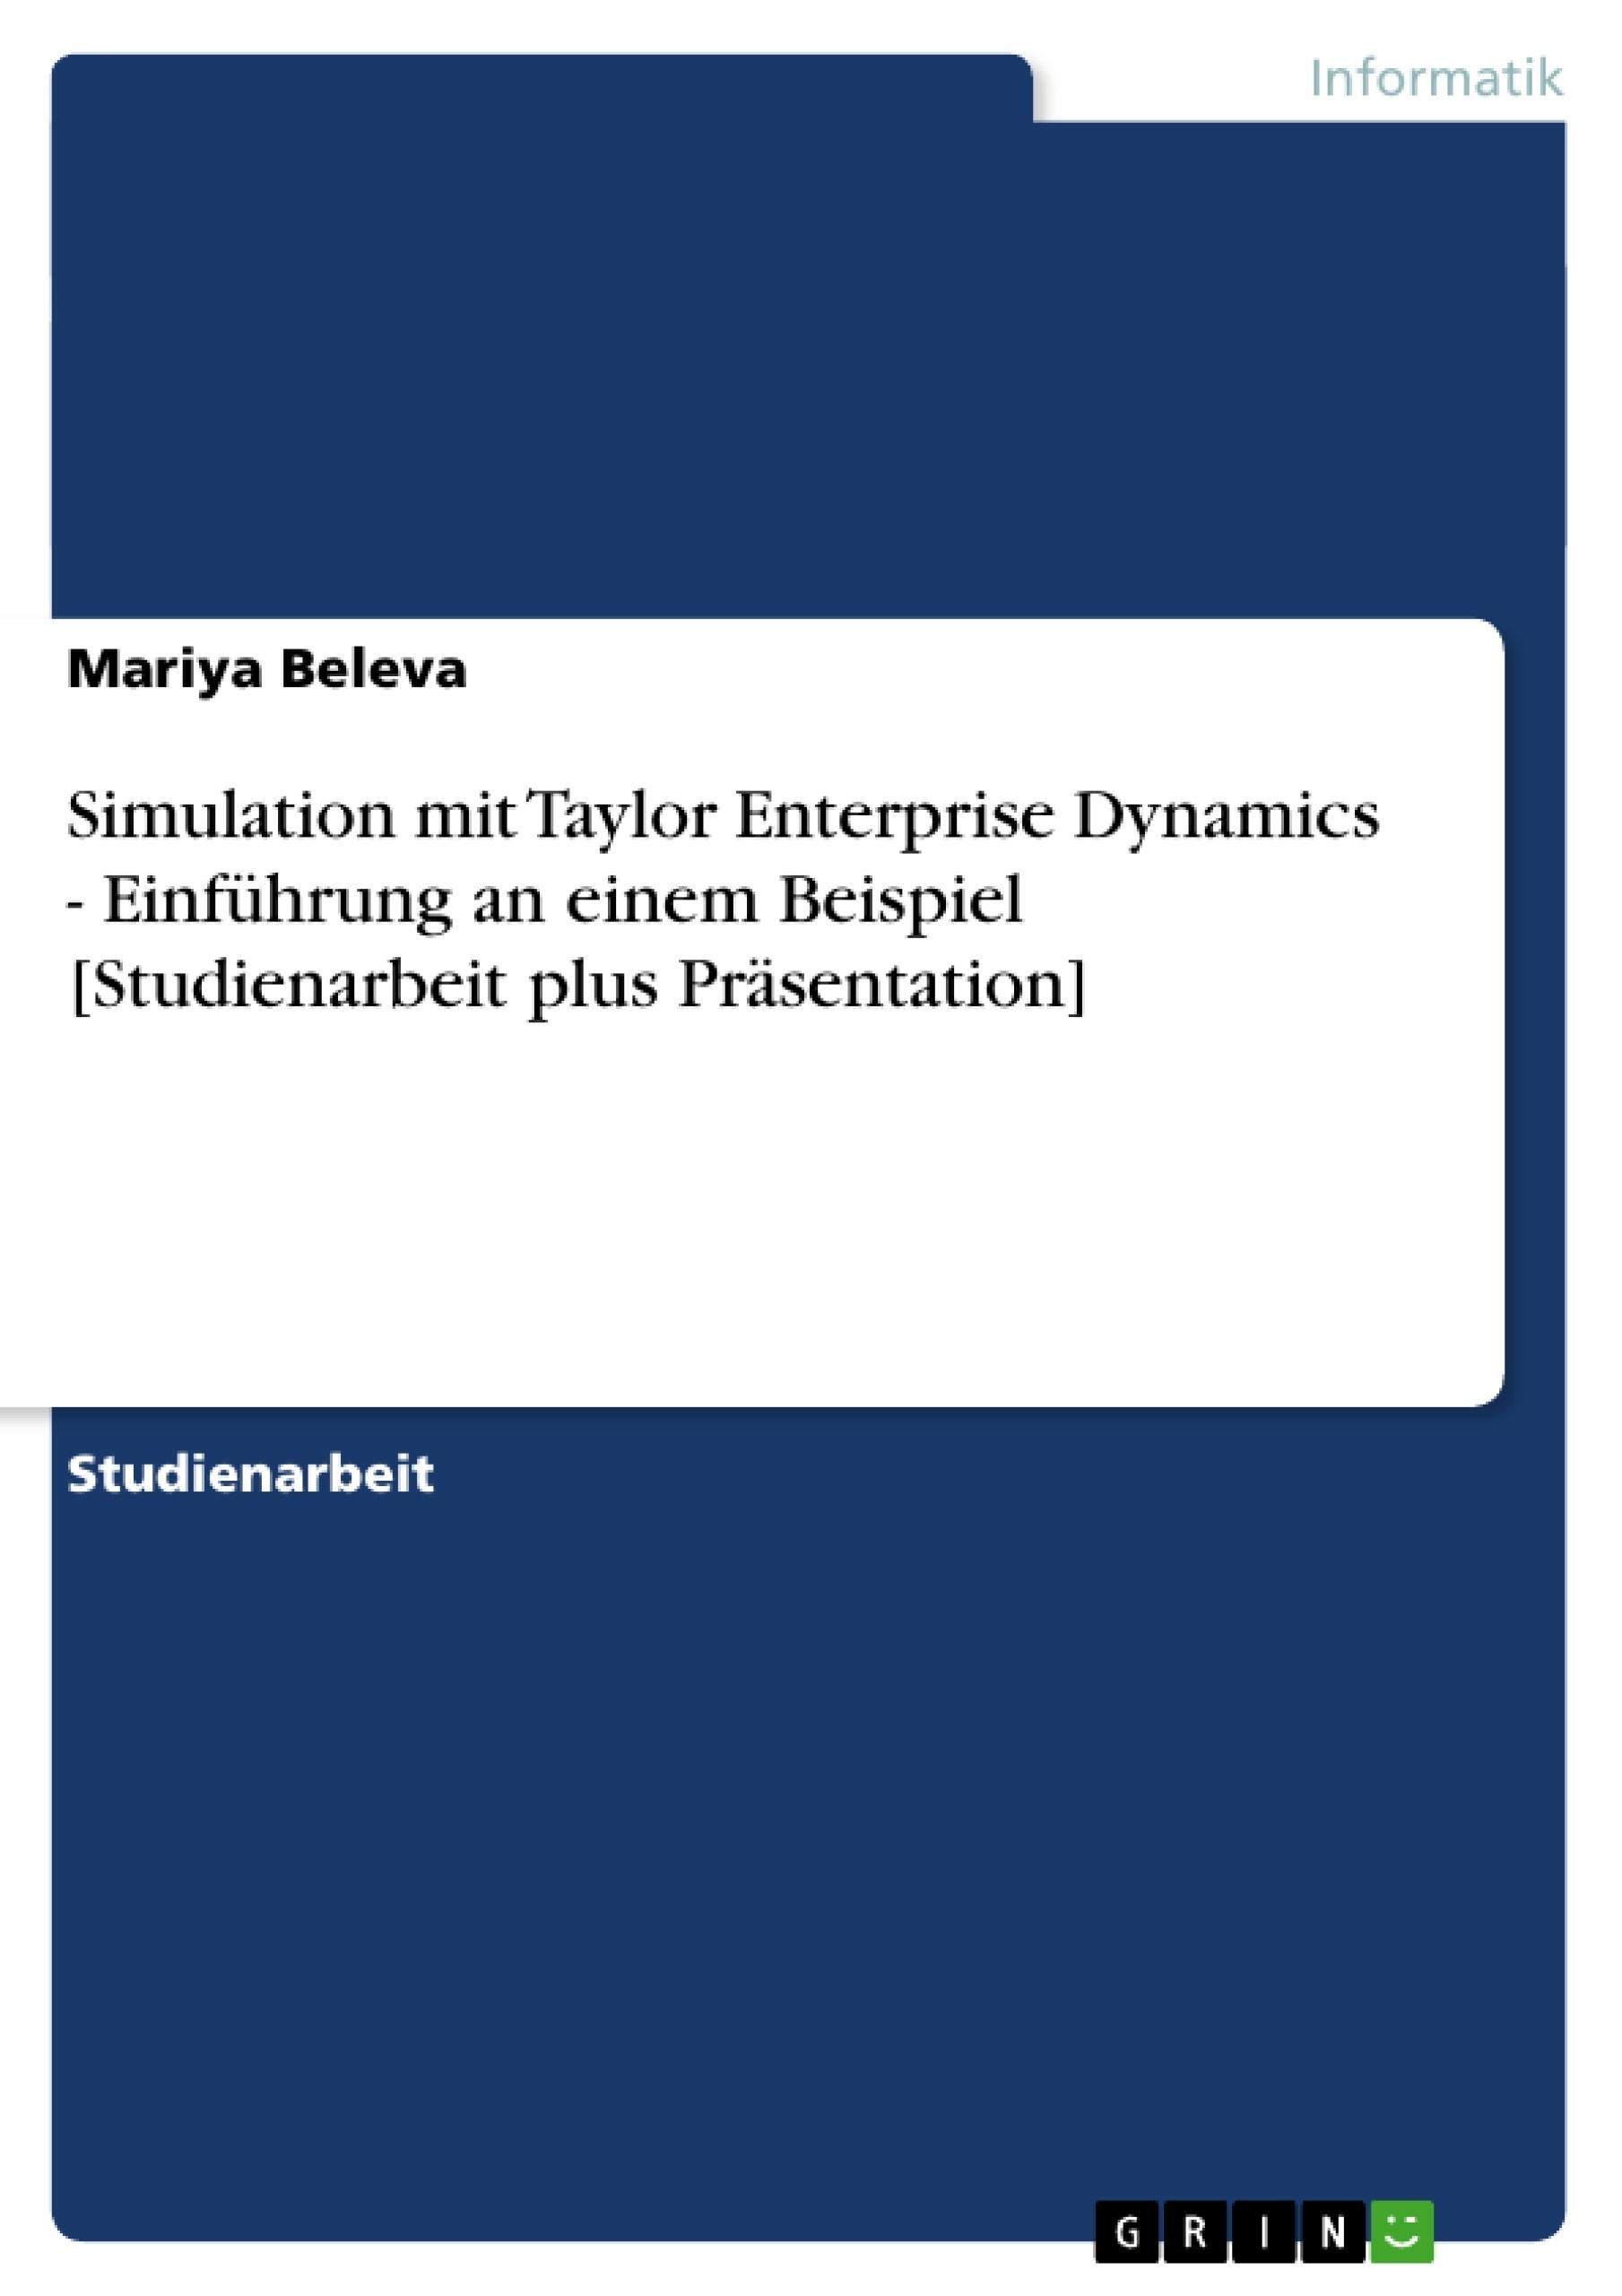 Titel: Simulation mit Taylor Enterprise Dynamics - Einführung an einem Beispiel [Studienarbeit plus Präsentation]